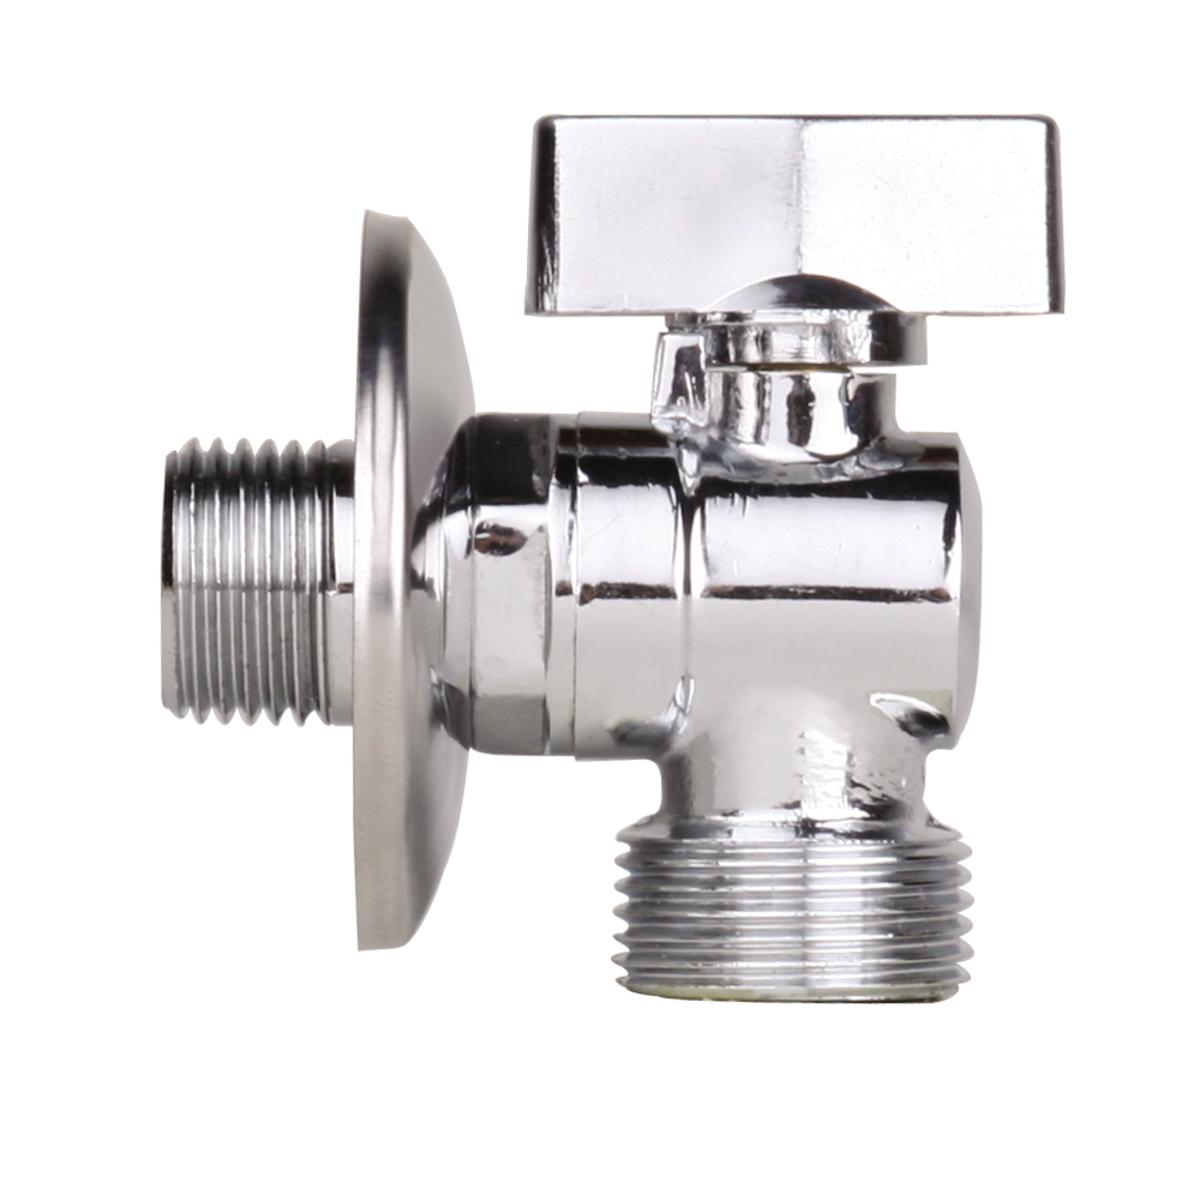 Кран шаровый усиленный угловой для подключения стационарных приборов с отражателем 1/2х3/4, резьба наружная/наружная, хромированный, JIF 261Кран шаровый усиленный угловой для подключения стационарных приборов с отражателем 1/2х3/4, резьба наружная/наружная, хромированный, JIF 261 предназначен для подключения к холодной и горячей водопроводной сети санитарных приборов (смывных бачков, смесителей, стиральных и посудомоечных машин и пр.) с помощью гибких соединителей с накидной гайкой. Кран позволяет перекрывать подачу воды к конкретному источнику потребления воды.